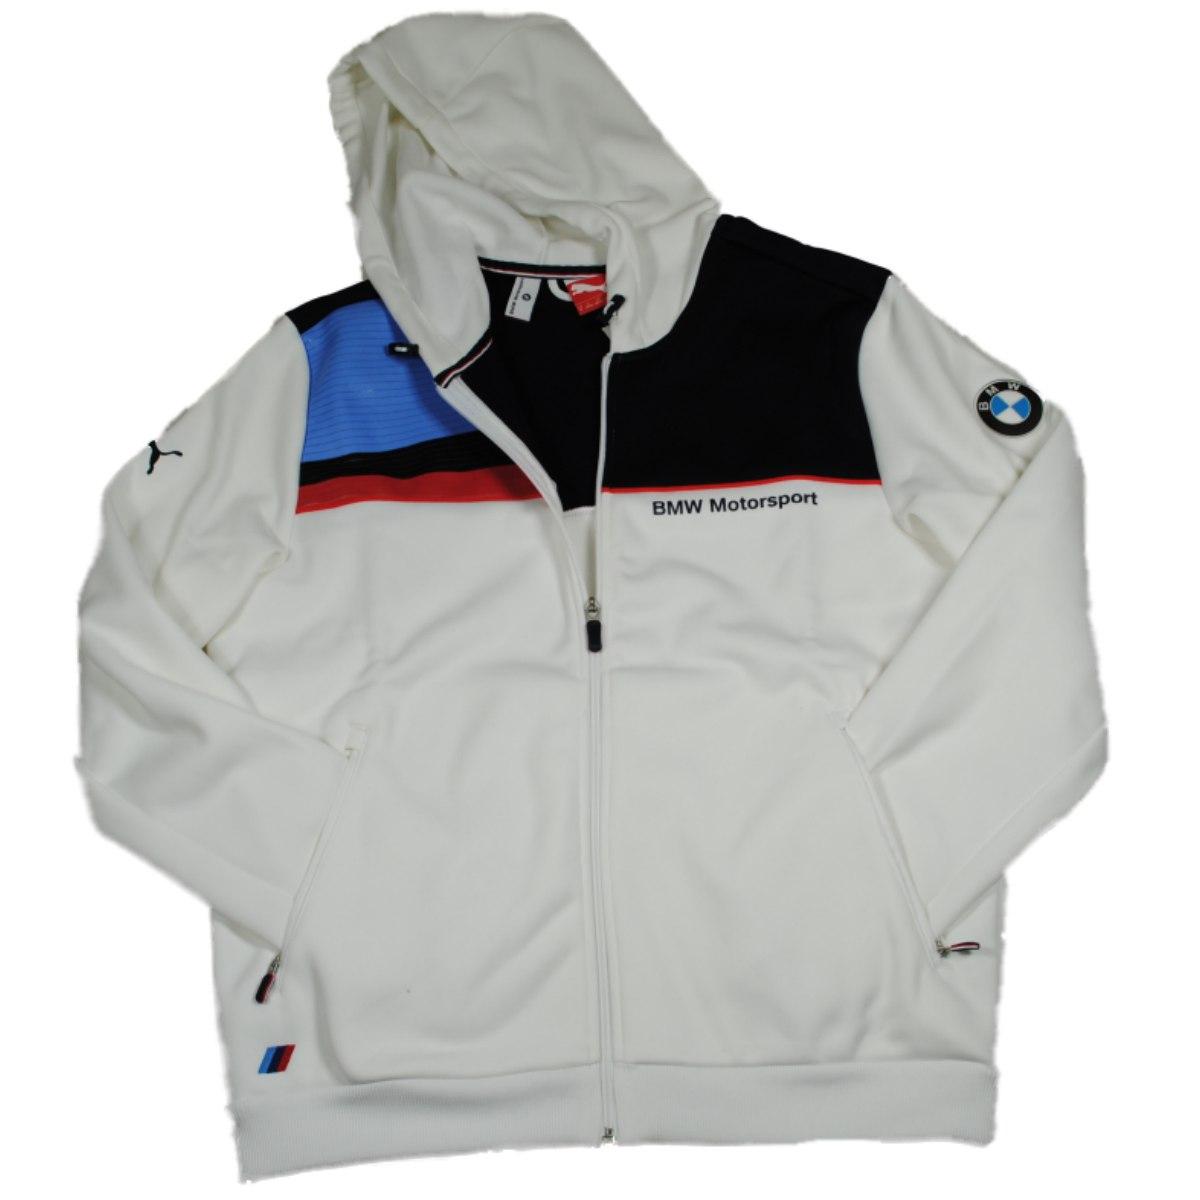 puma mens white bmw bonded jacket jacket 565629 01 m ebay. Black Bedroom Furniture Sets. Home Design Ideas